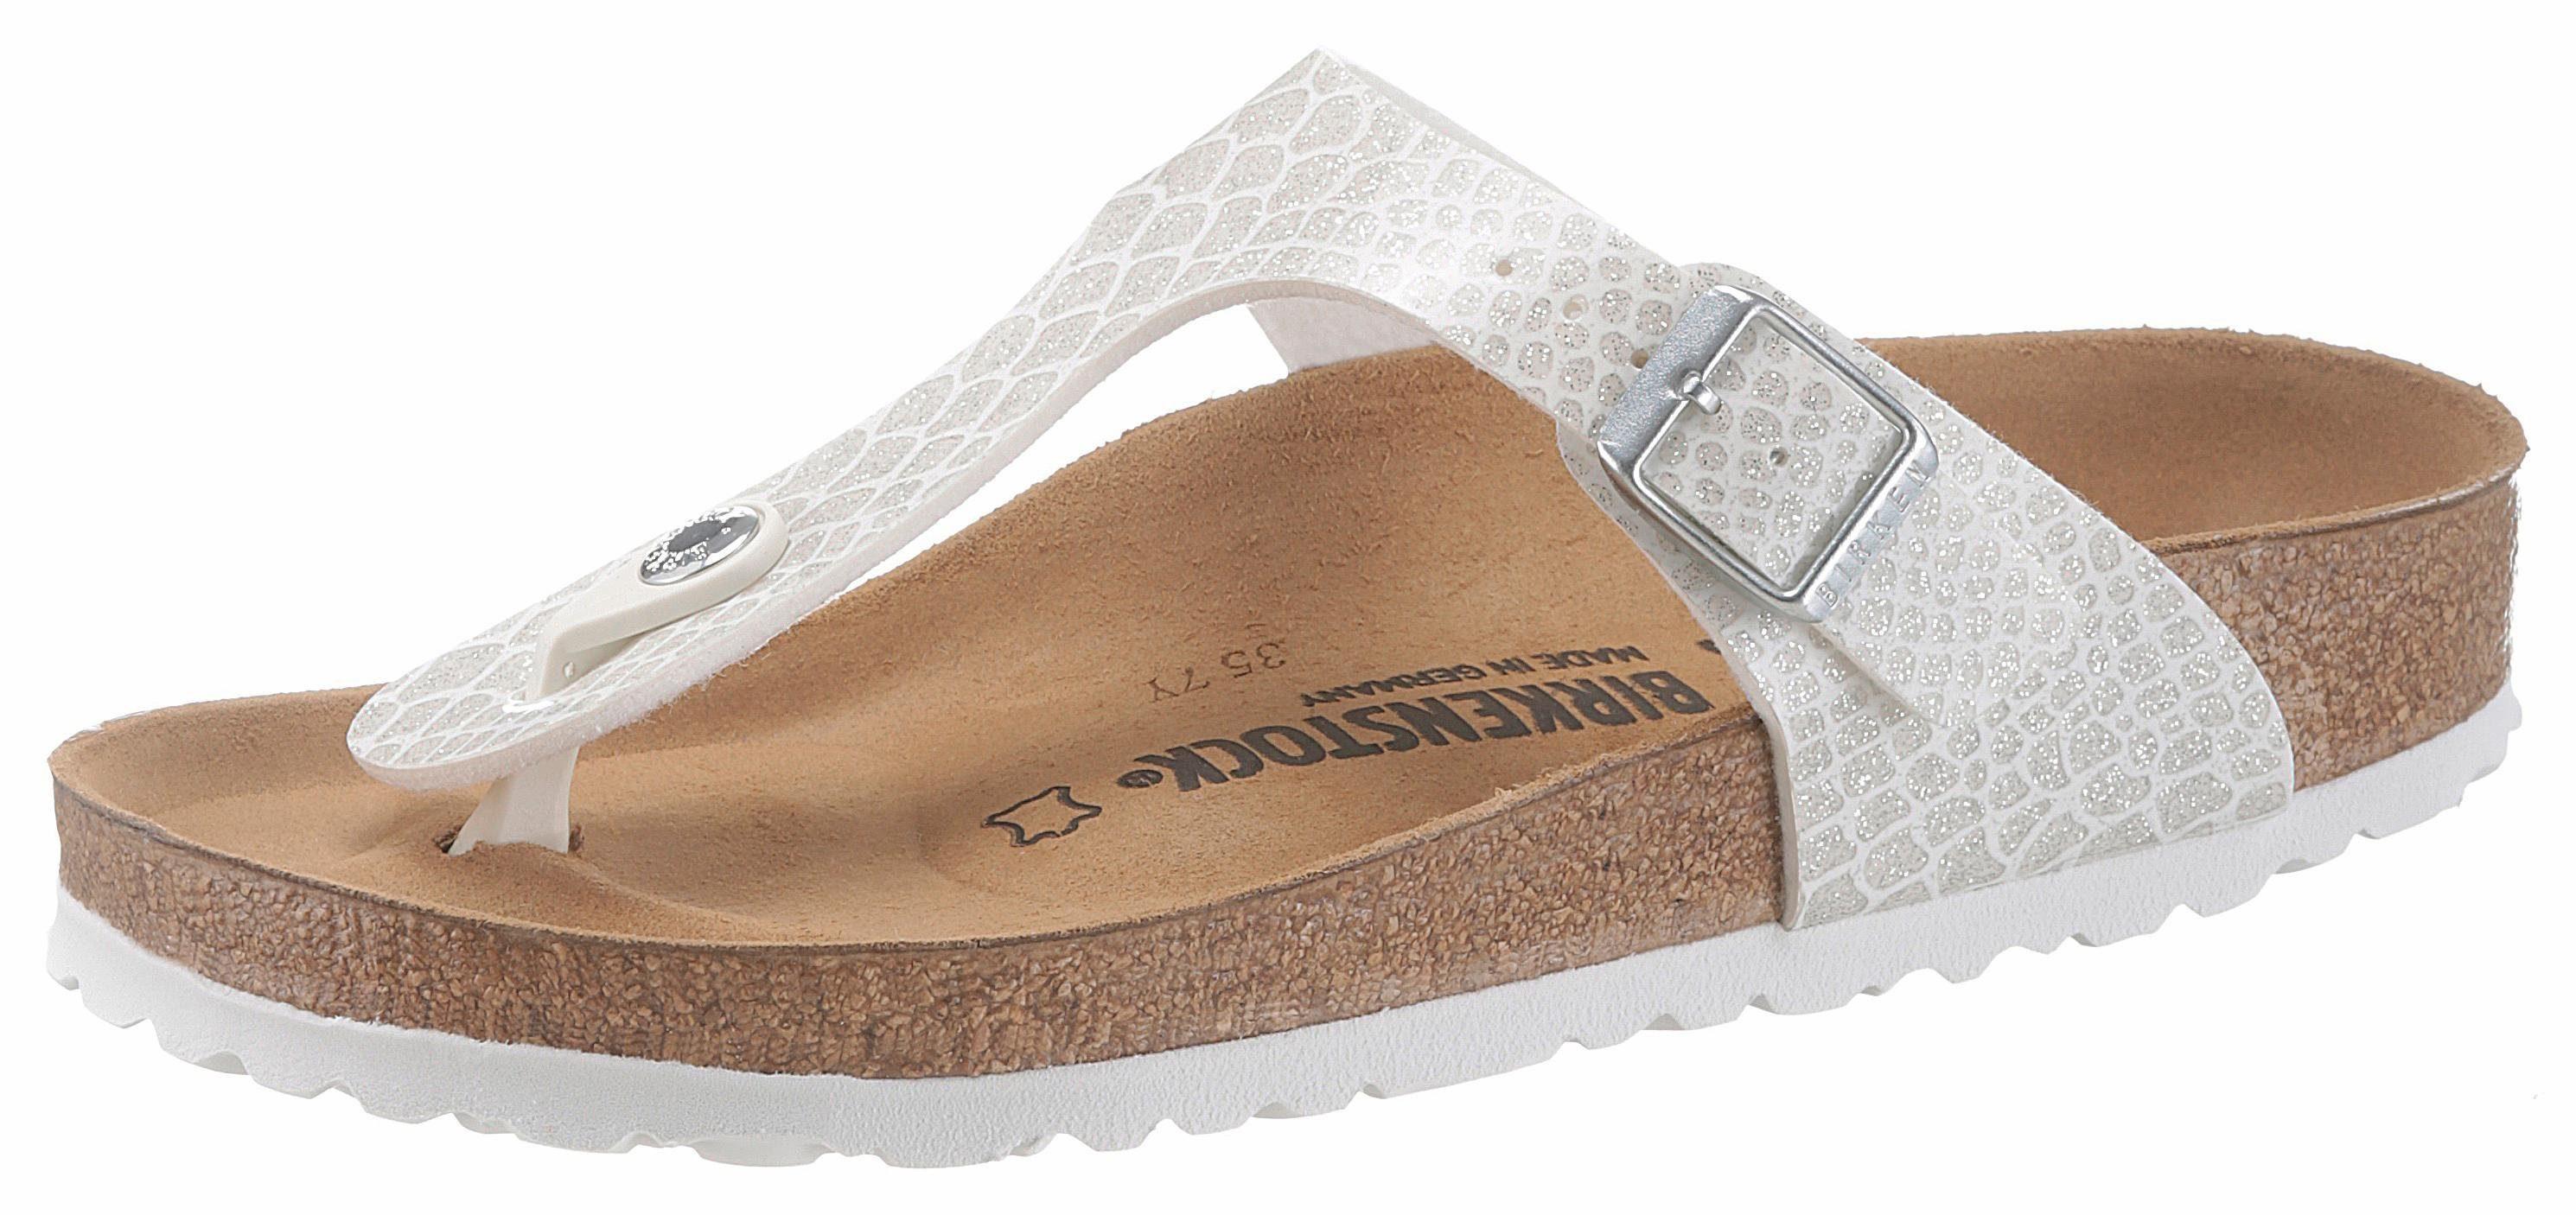 Birkenstock Gizeh Zehentrenner, in schmaler Schuhweite, mit Reptilprägung online kaufen  weiß